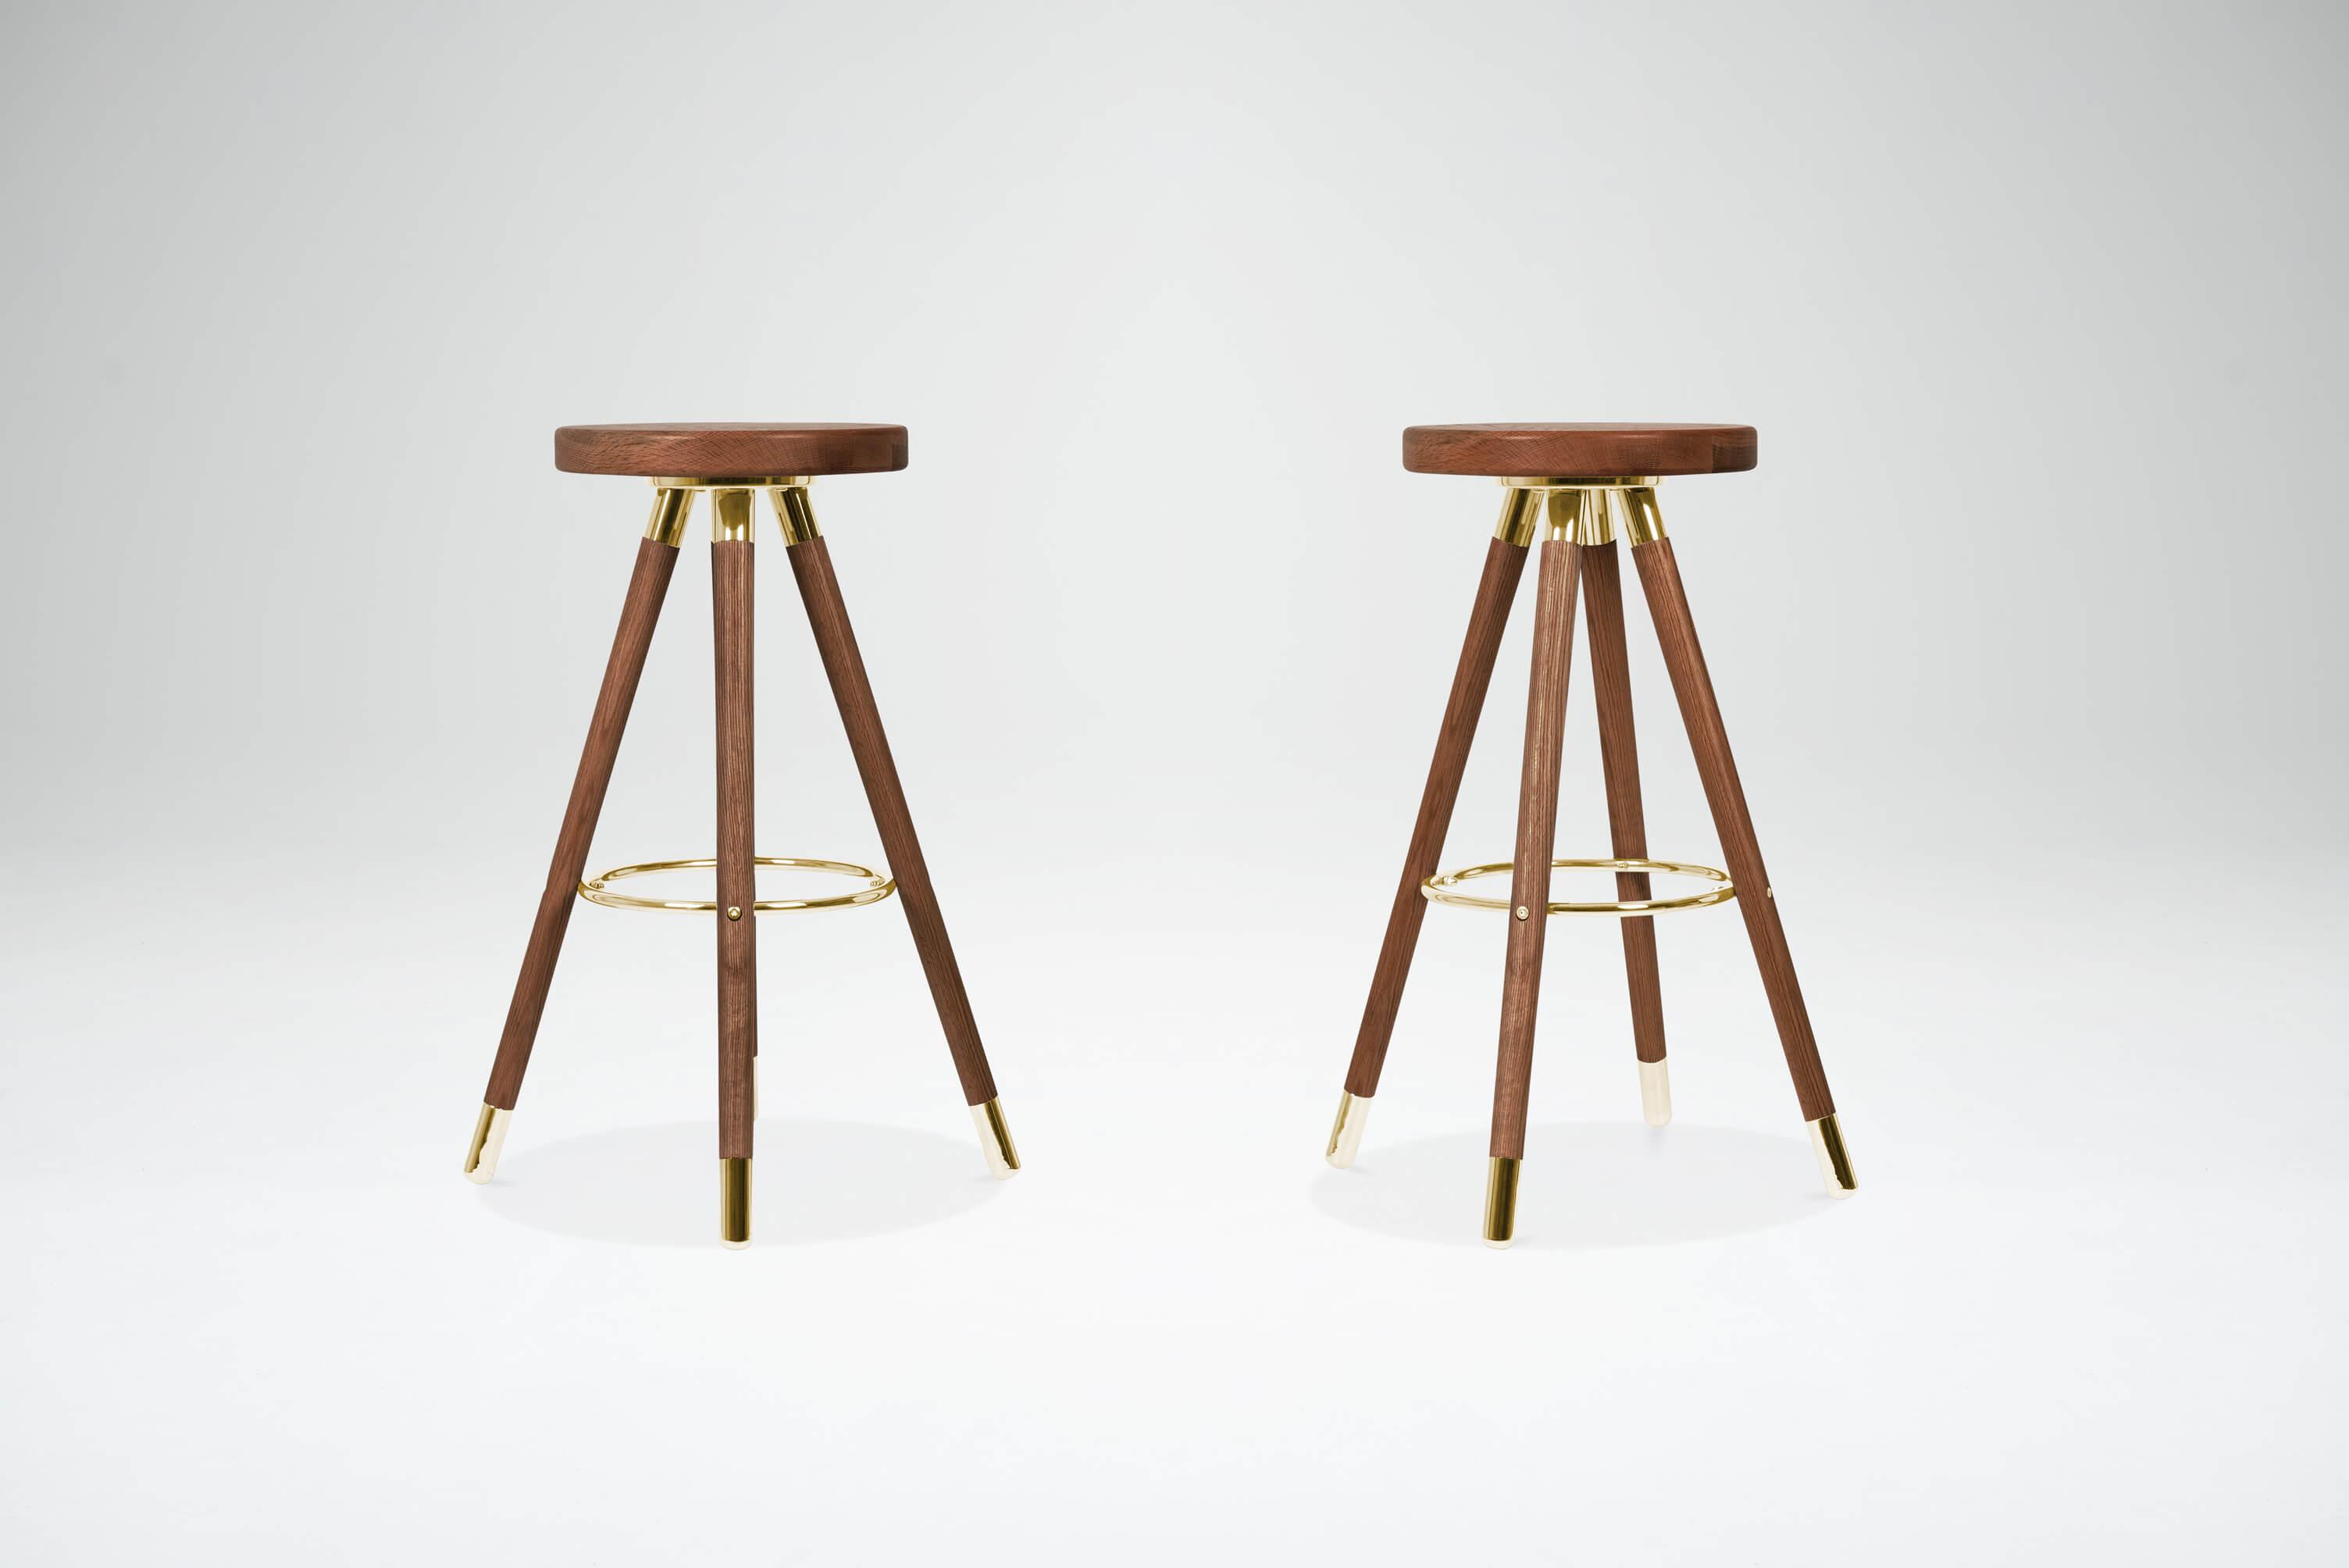 Moda-stool